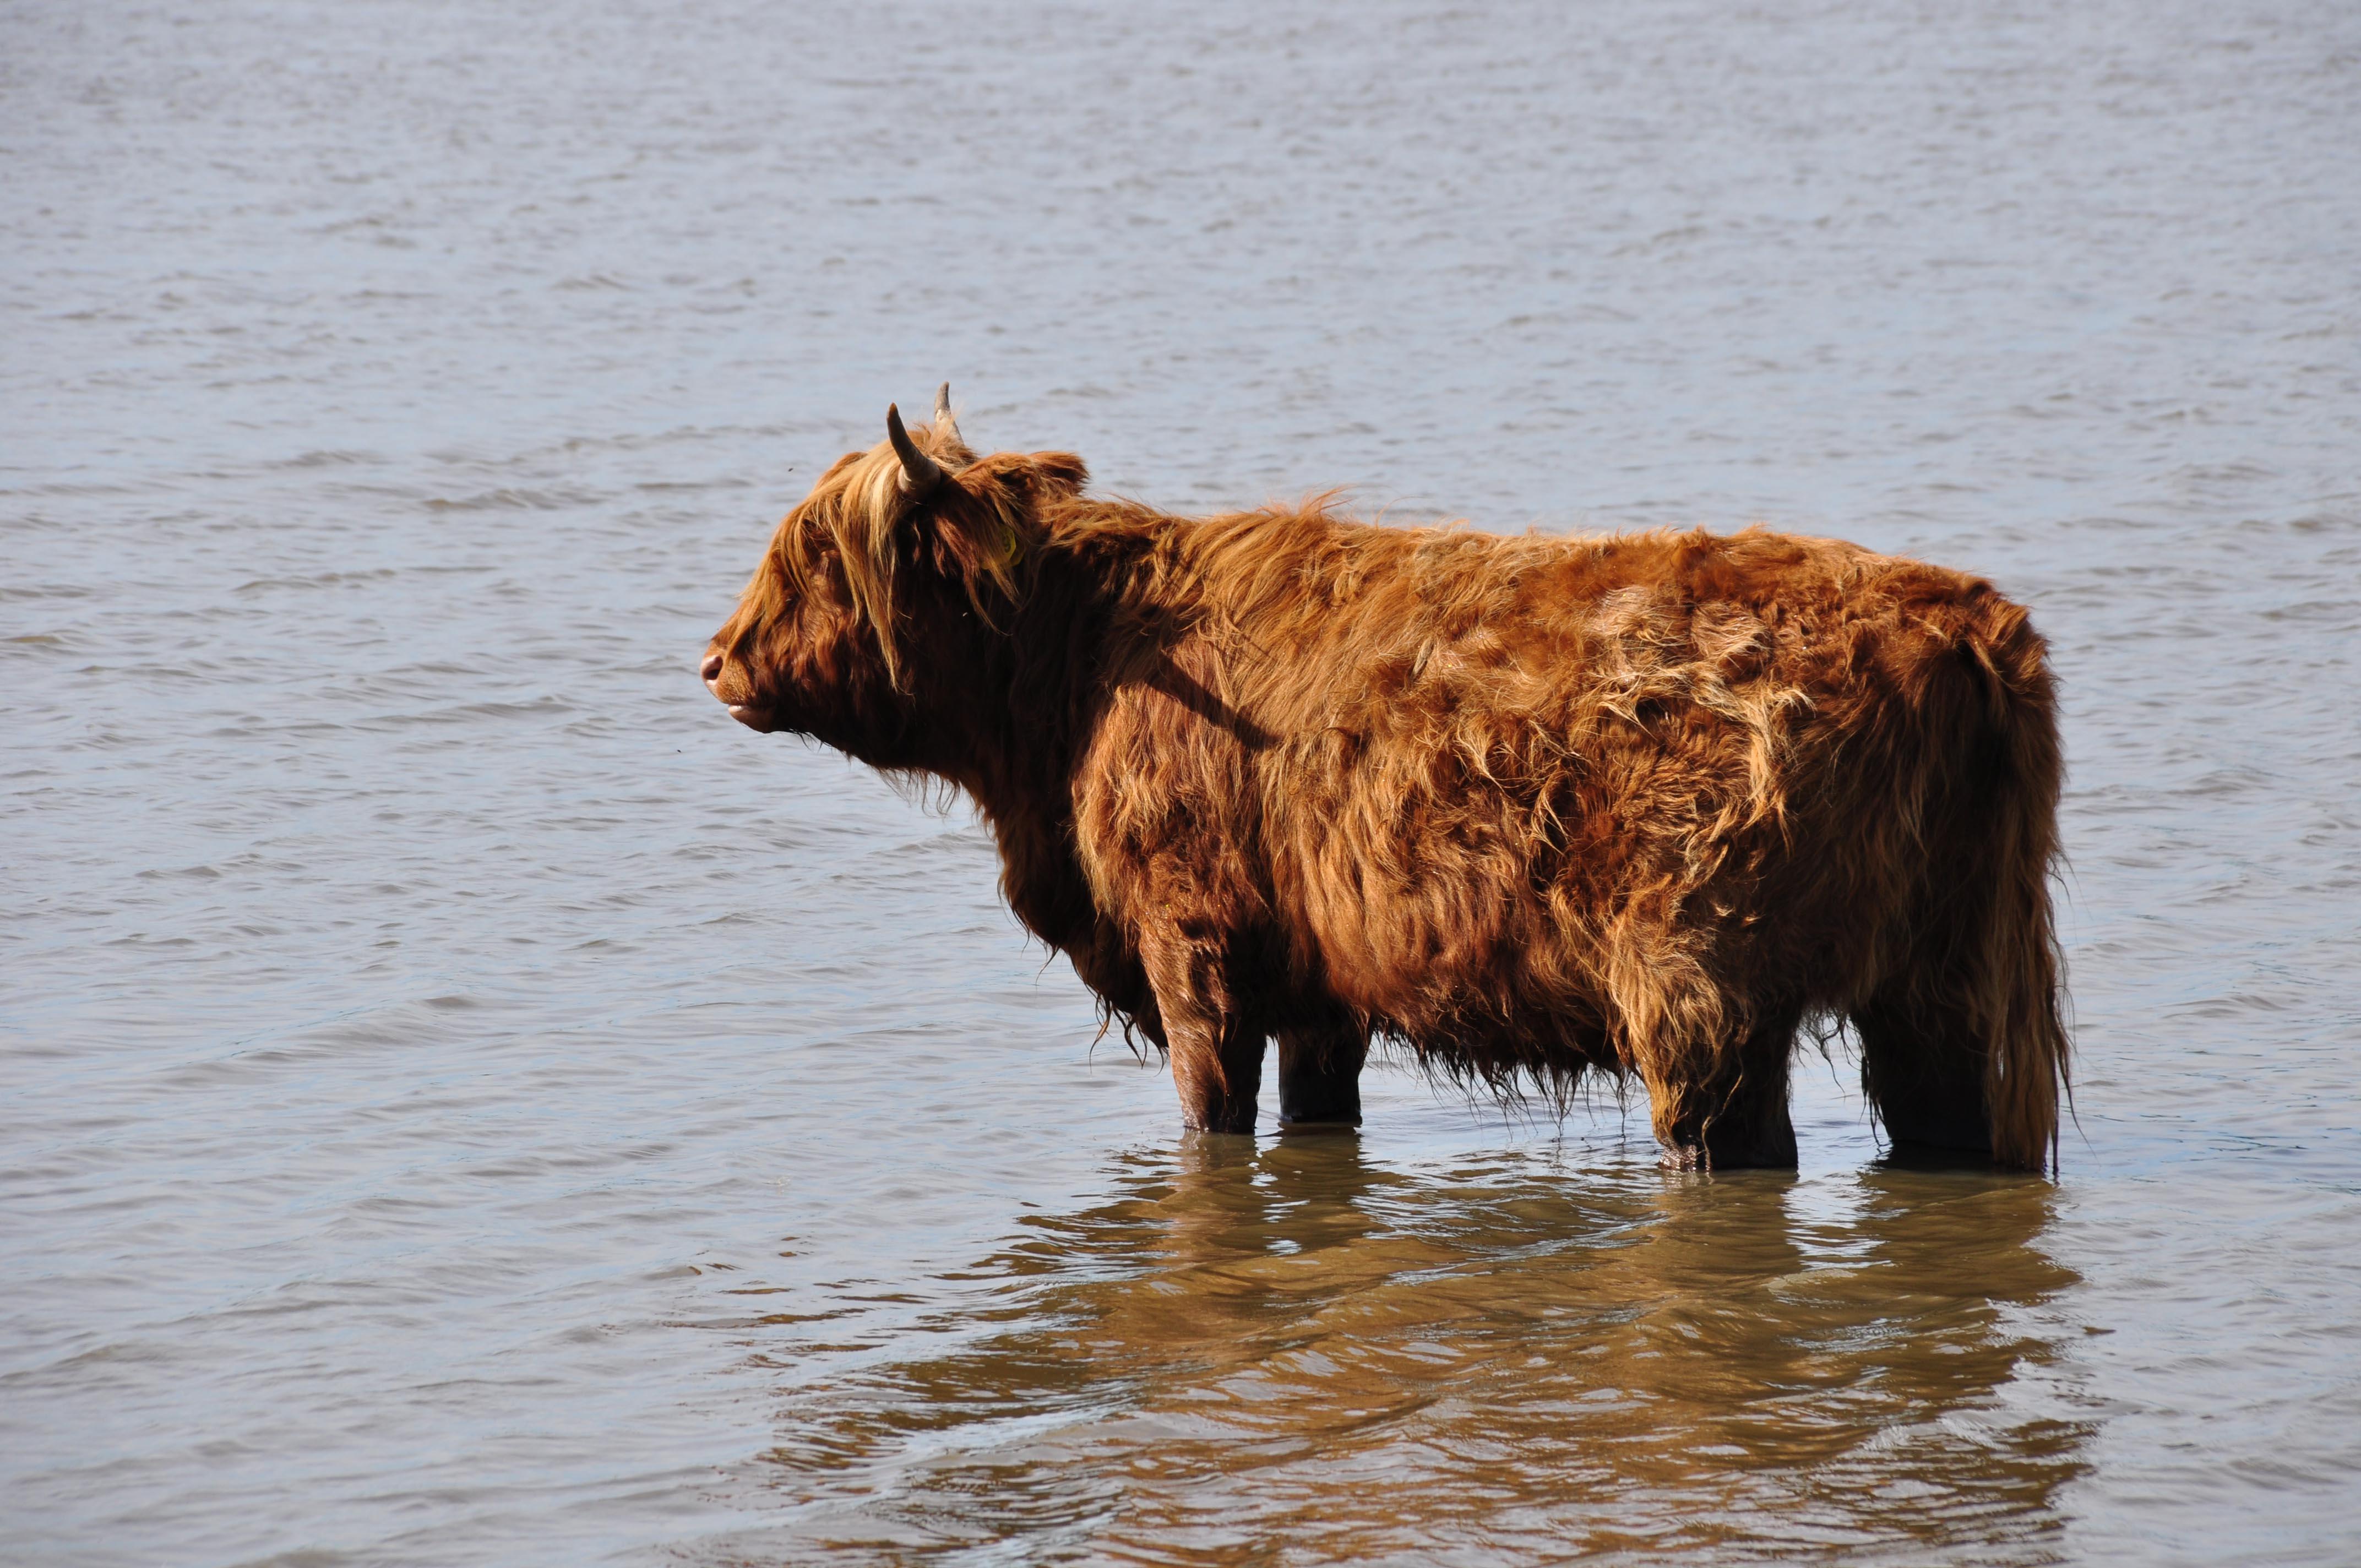 Schotse Hooglander Foto: Ap Mos